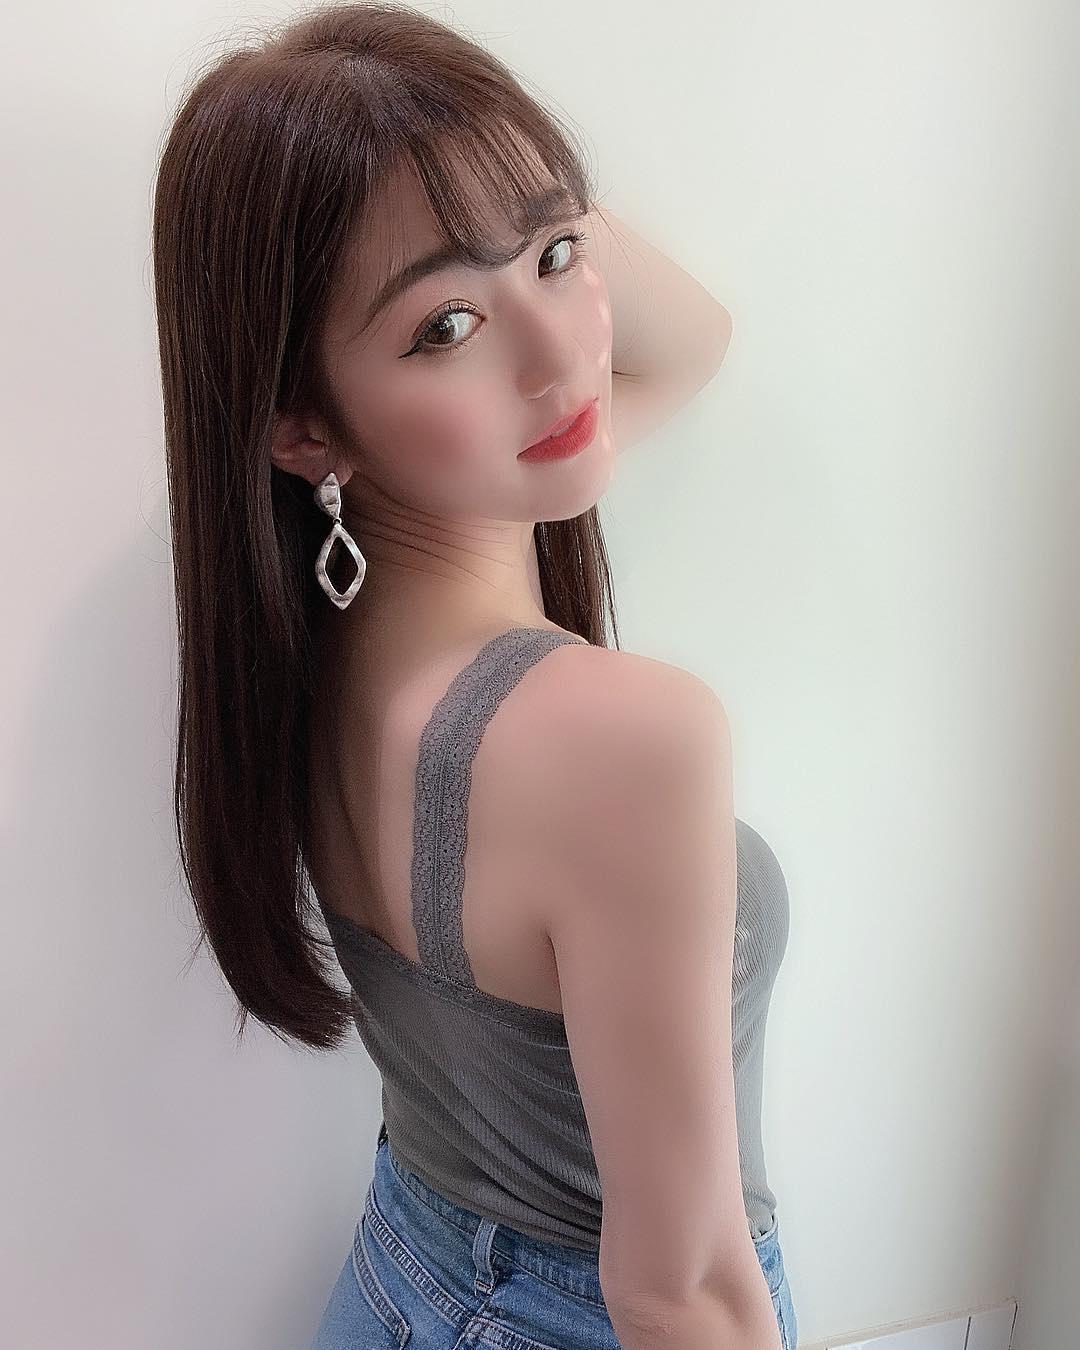 岛国美女模特カナコ,精致女神,天生丽质,精选合辑四23张